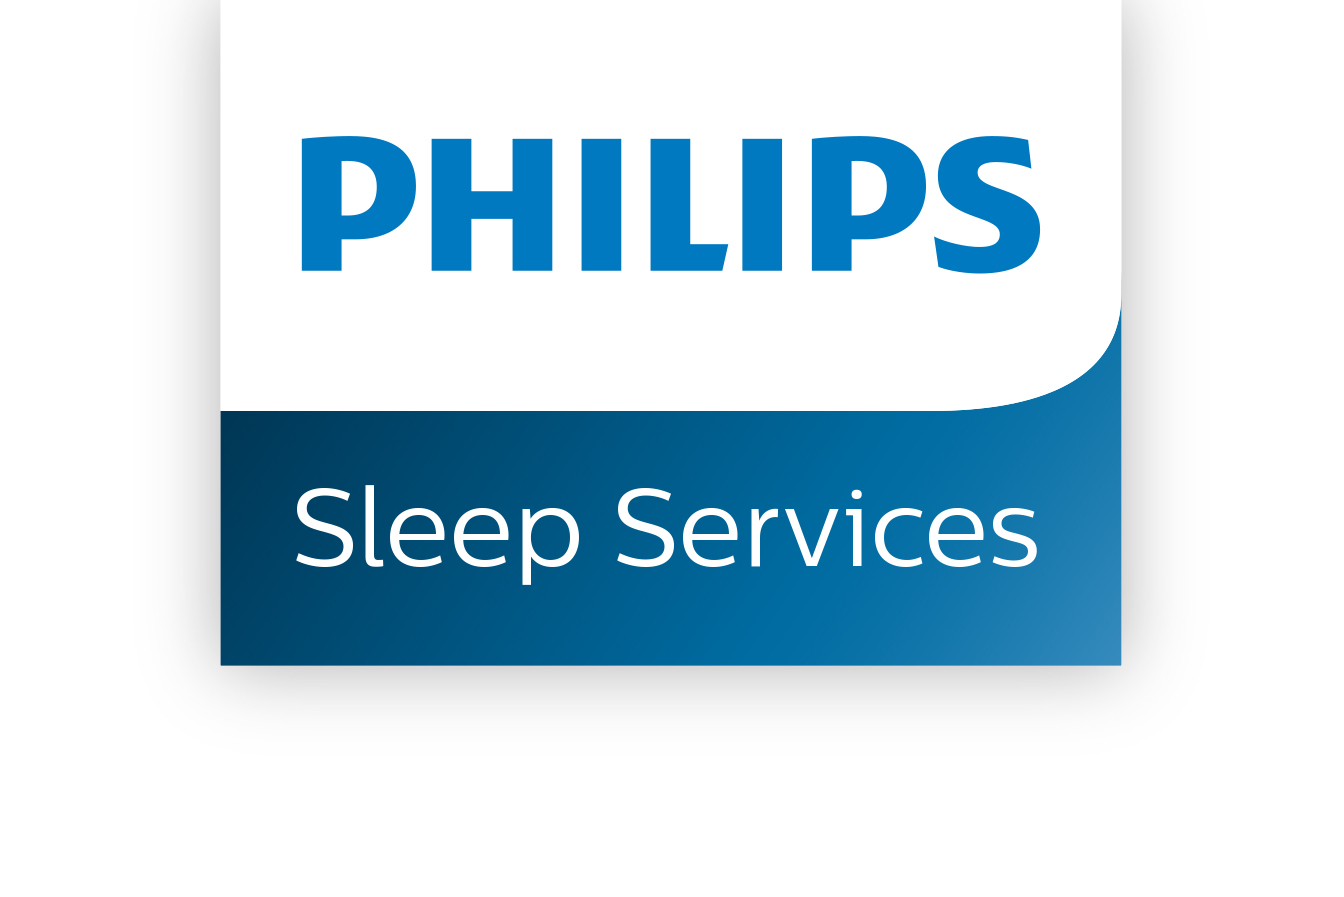 Philips Sleep Services